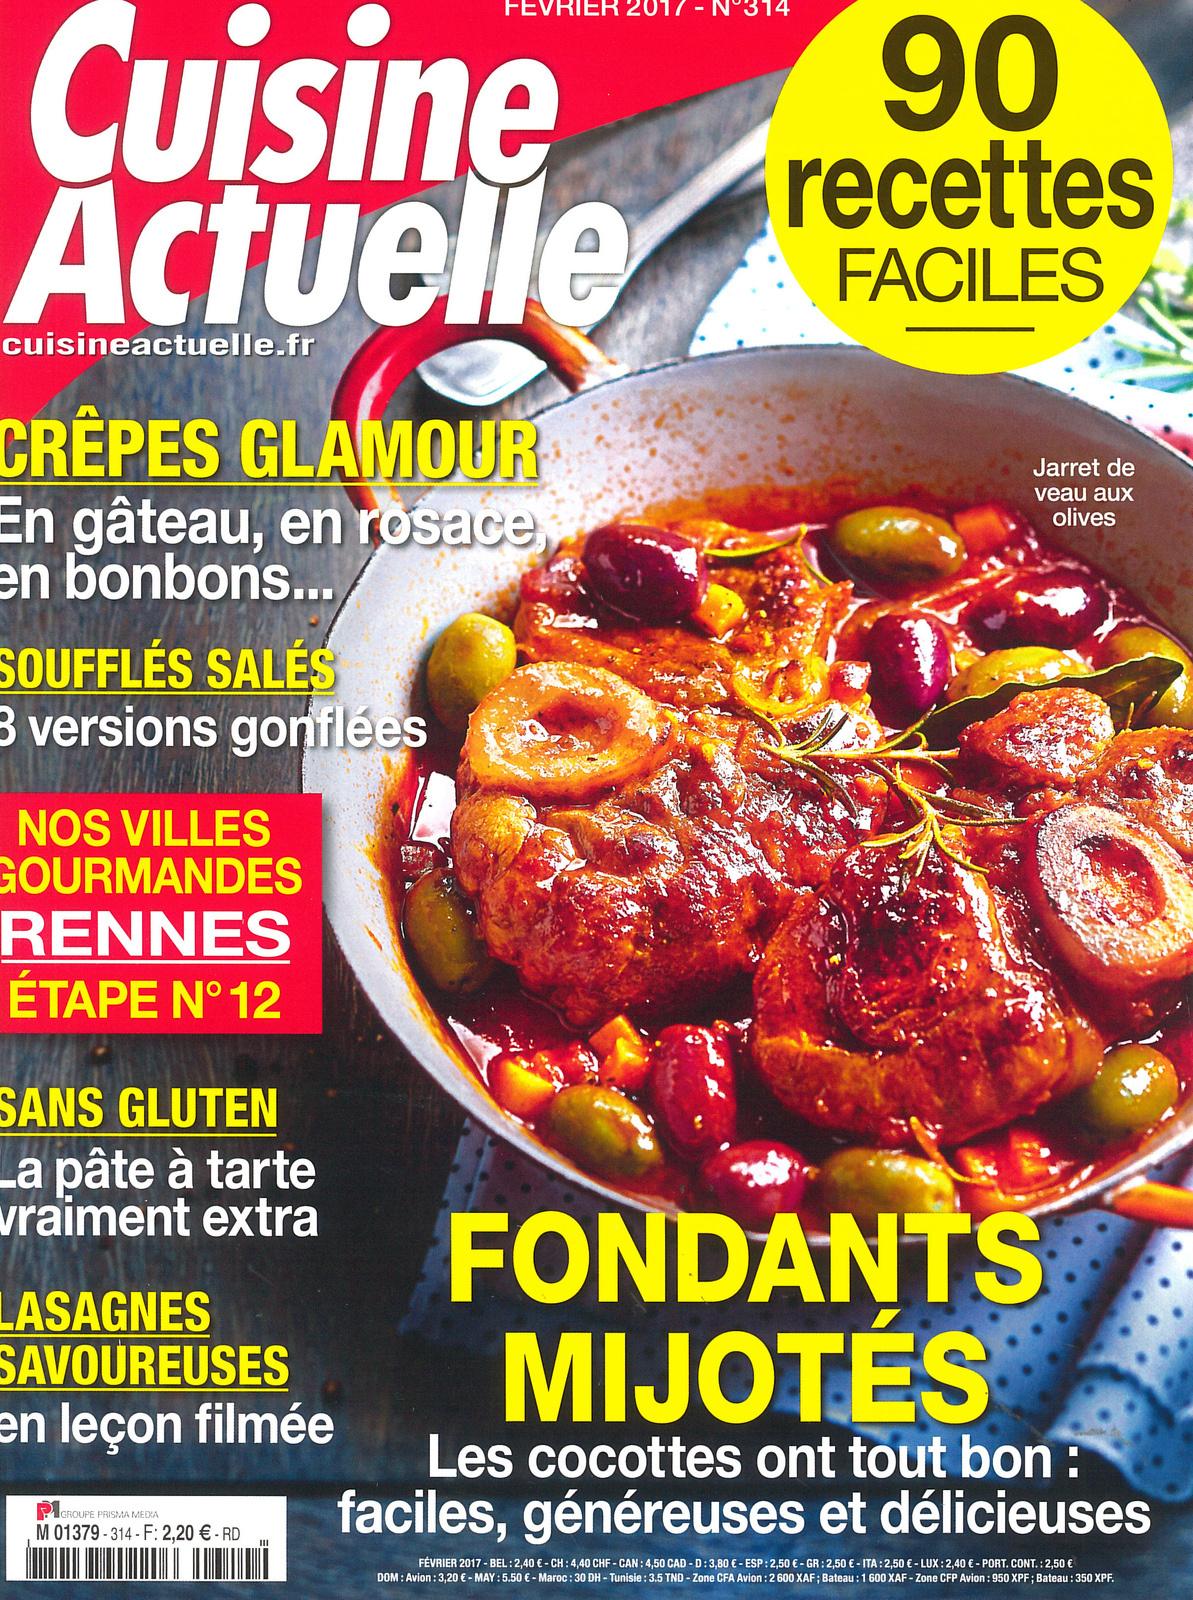 A la découverte de Rennes avec le magazine Cuisine Actuelle